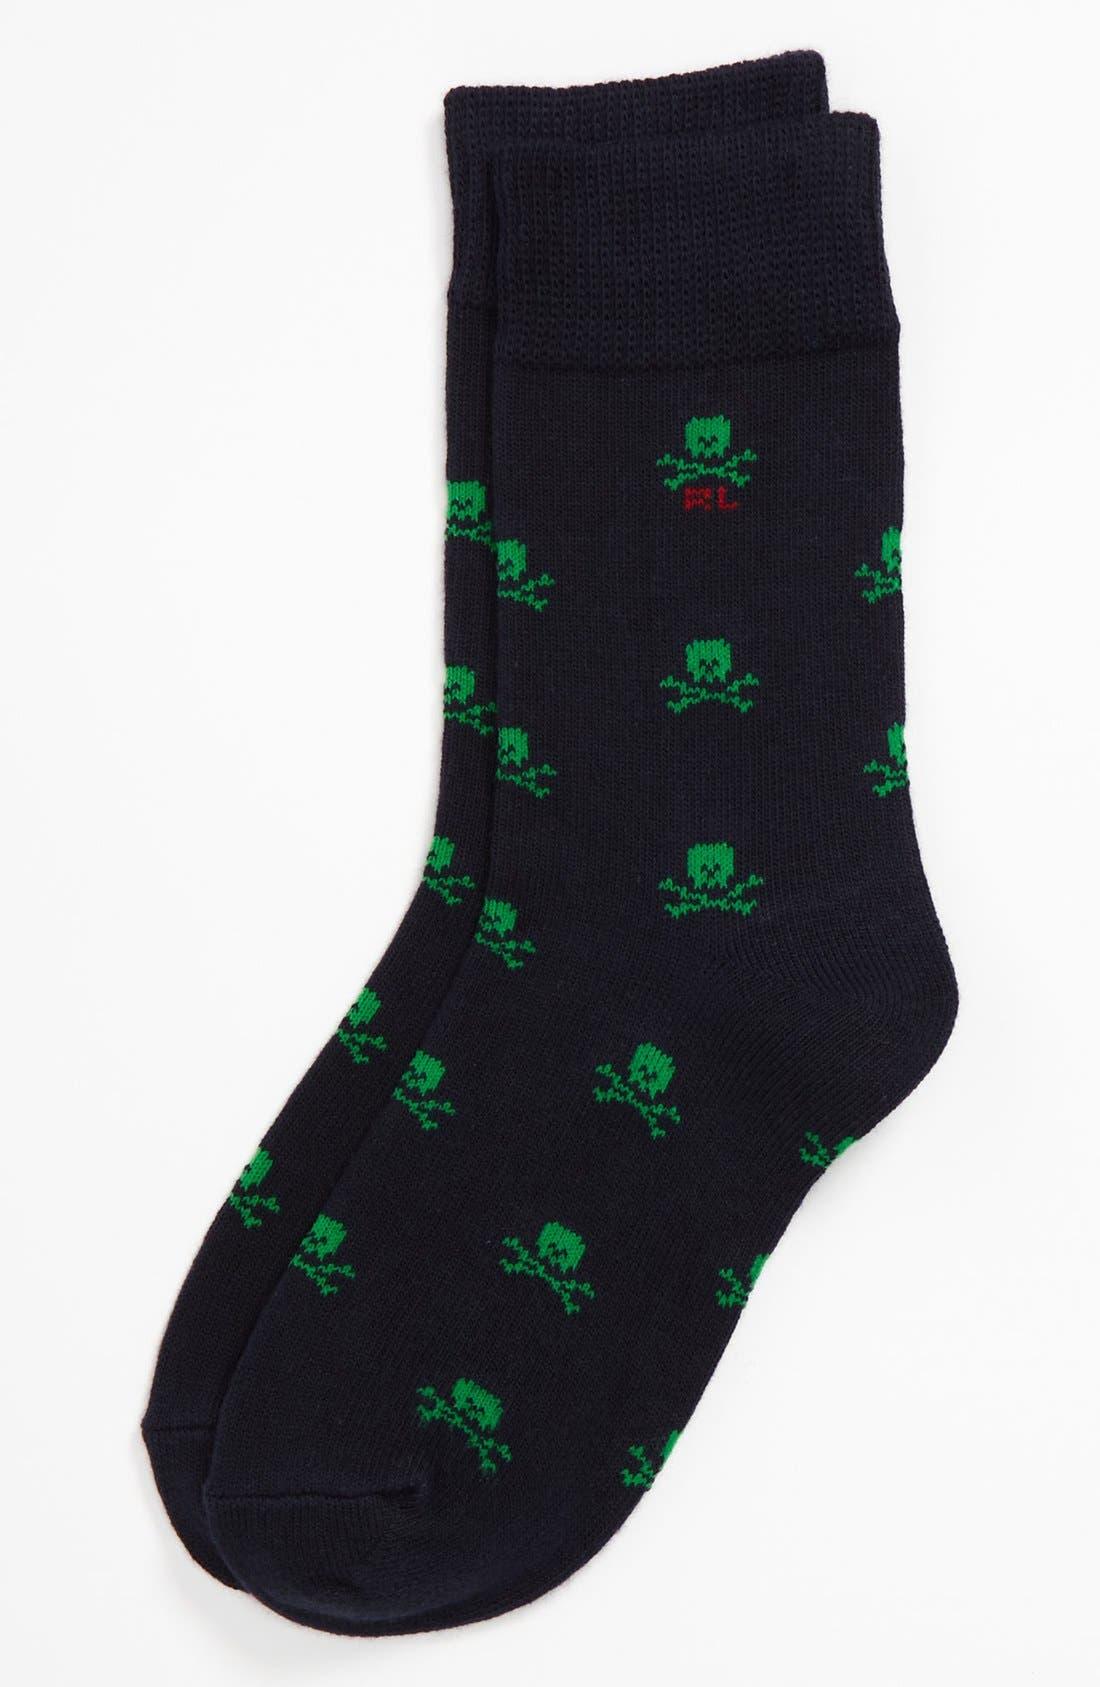 Alternate Image 1 Selected - Polo Ralph Lauren Skull Crew Socks (Toddler Boys)